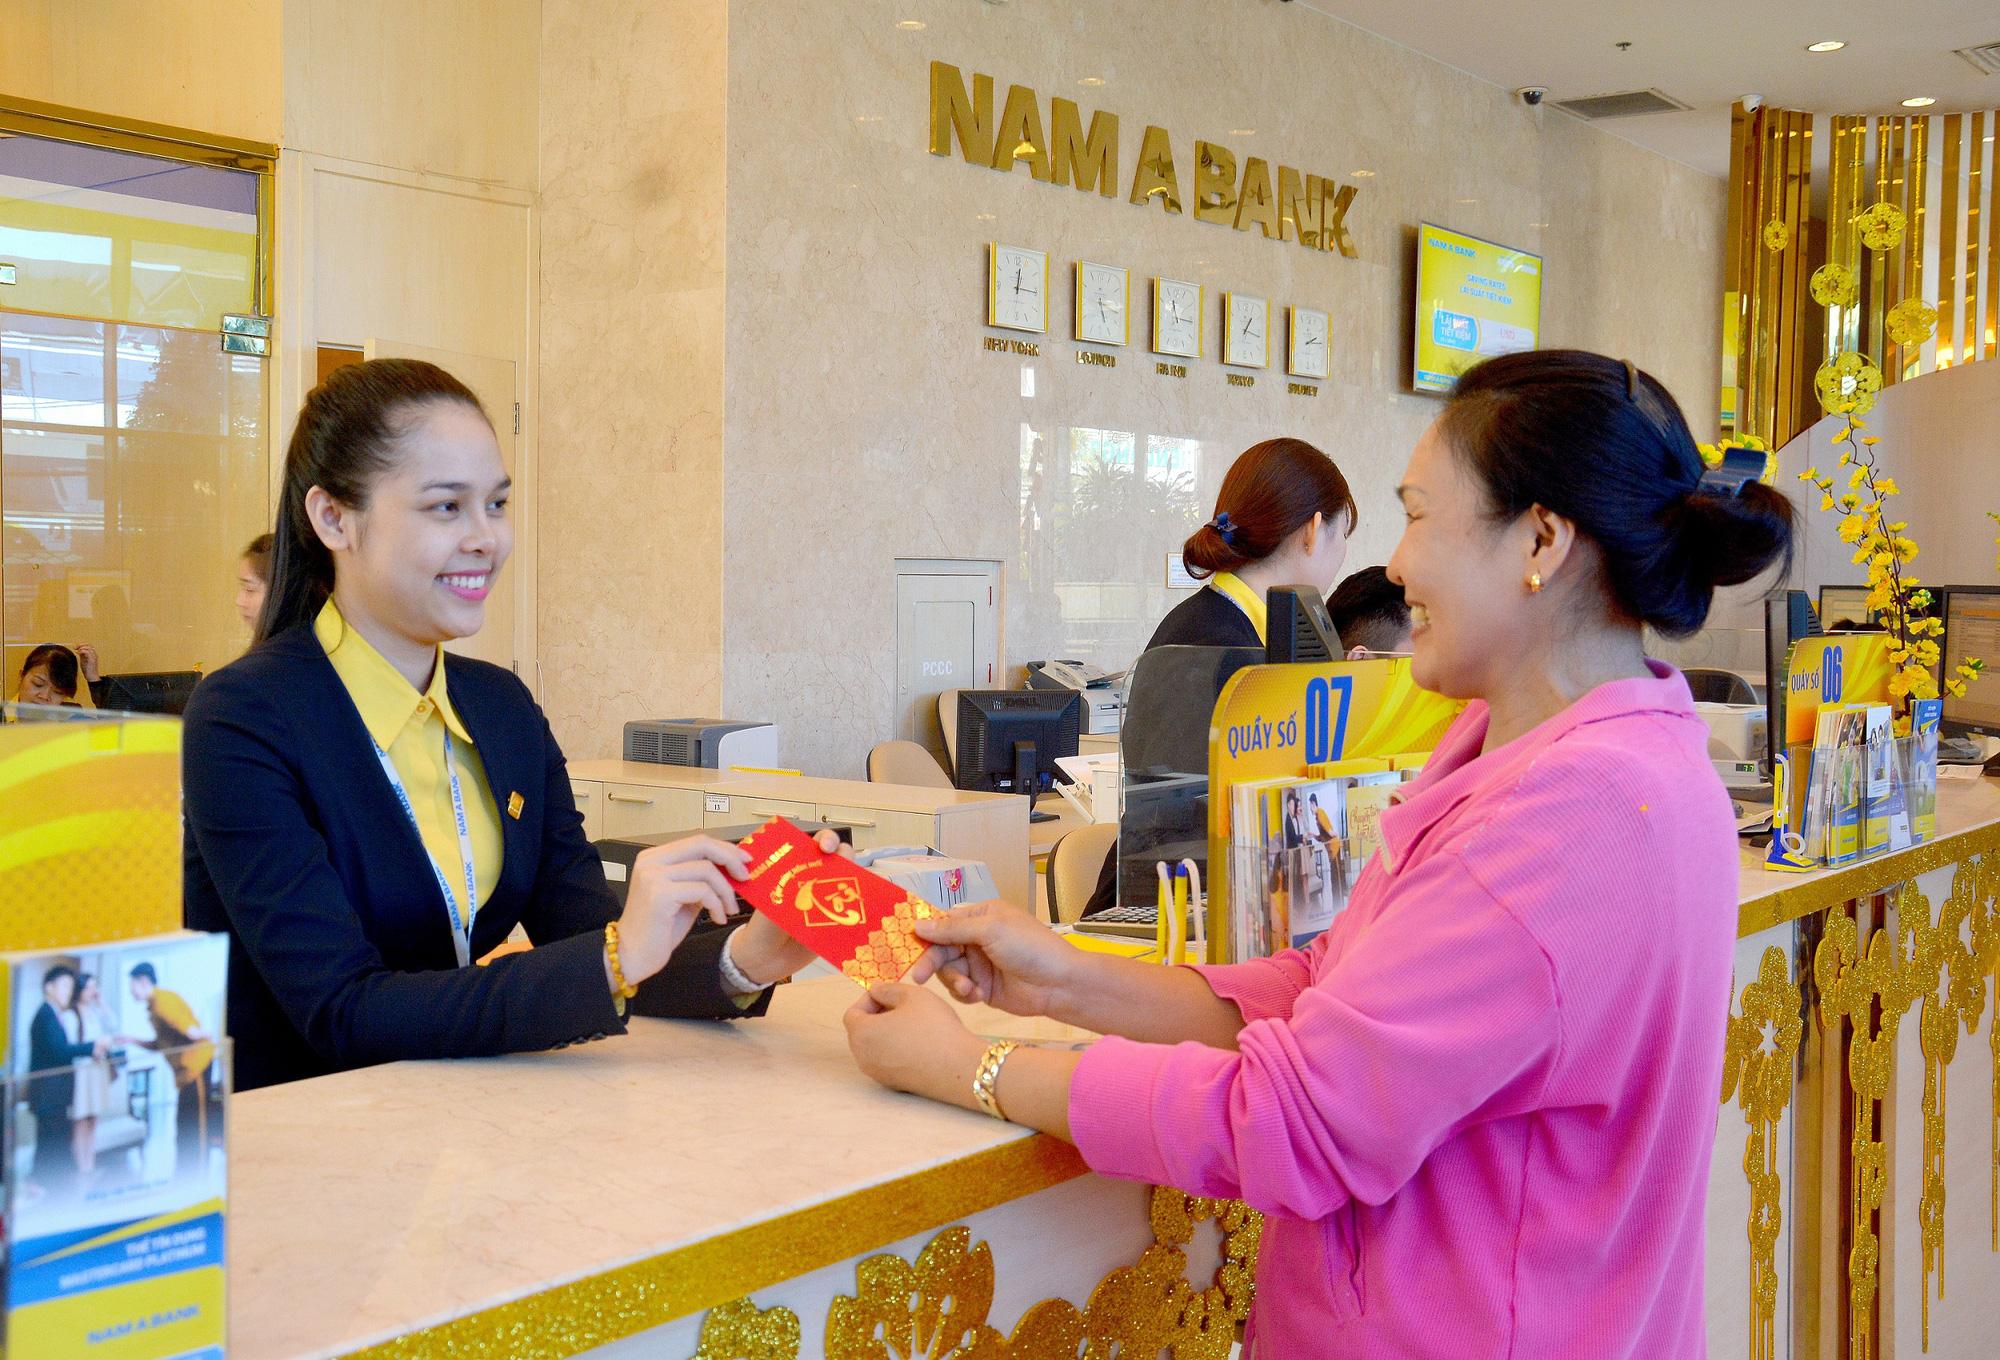 Lãi suất ngân hàng Nam A Bank mới nhất tháng 6/2021 - Ảnh 1.